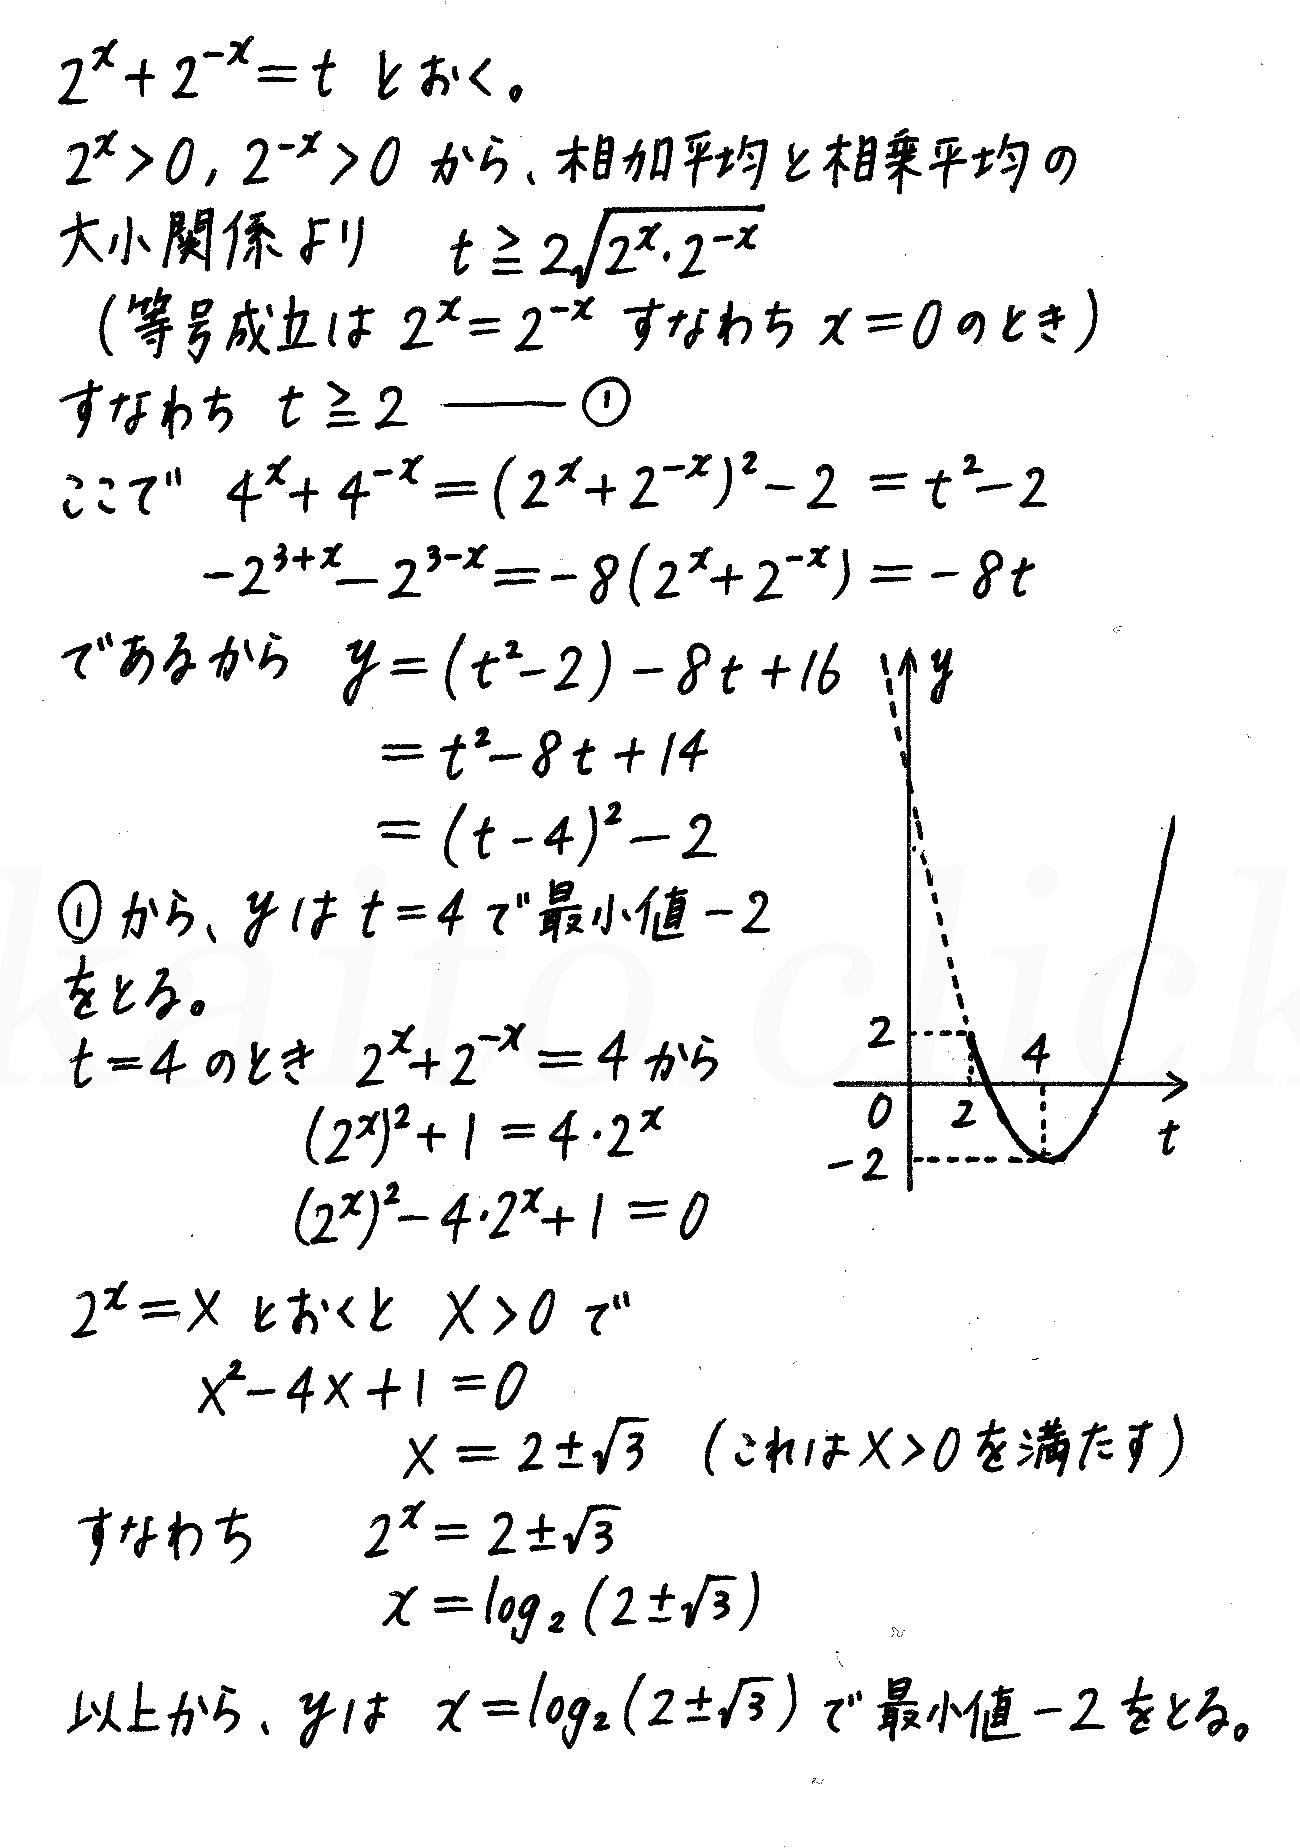 4STEP数学2-e41解答